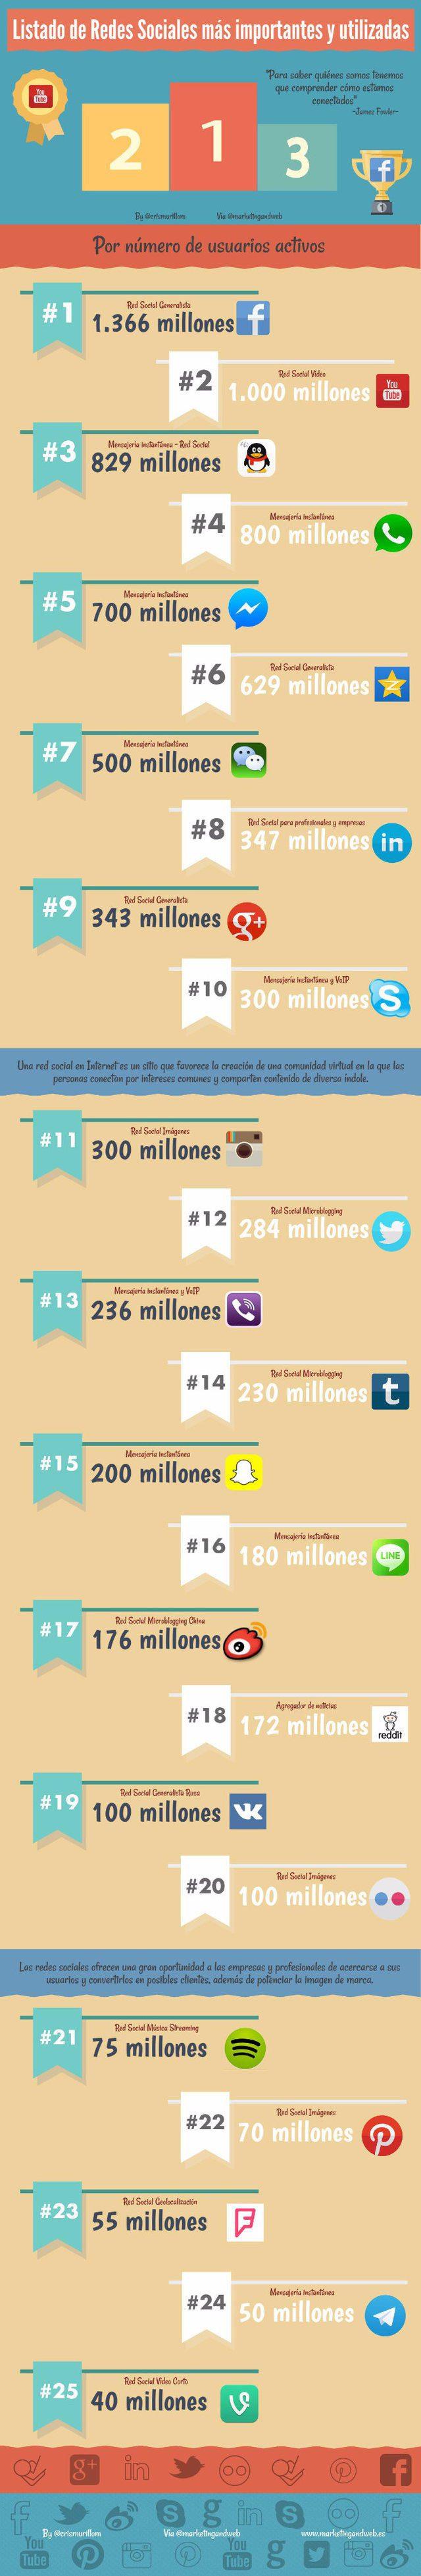 25 redes sociales